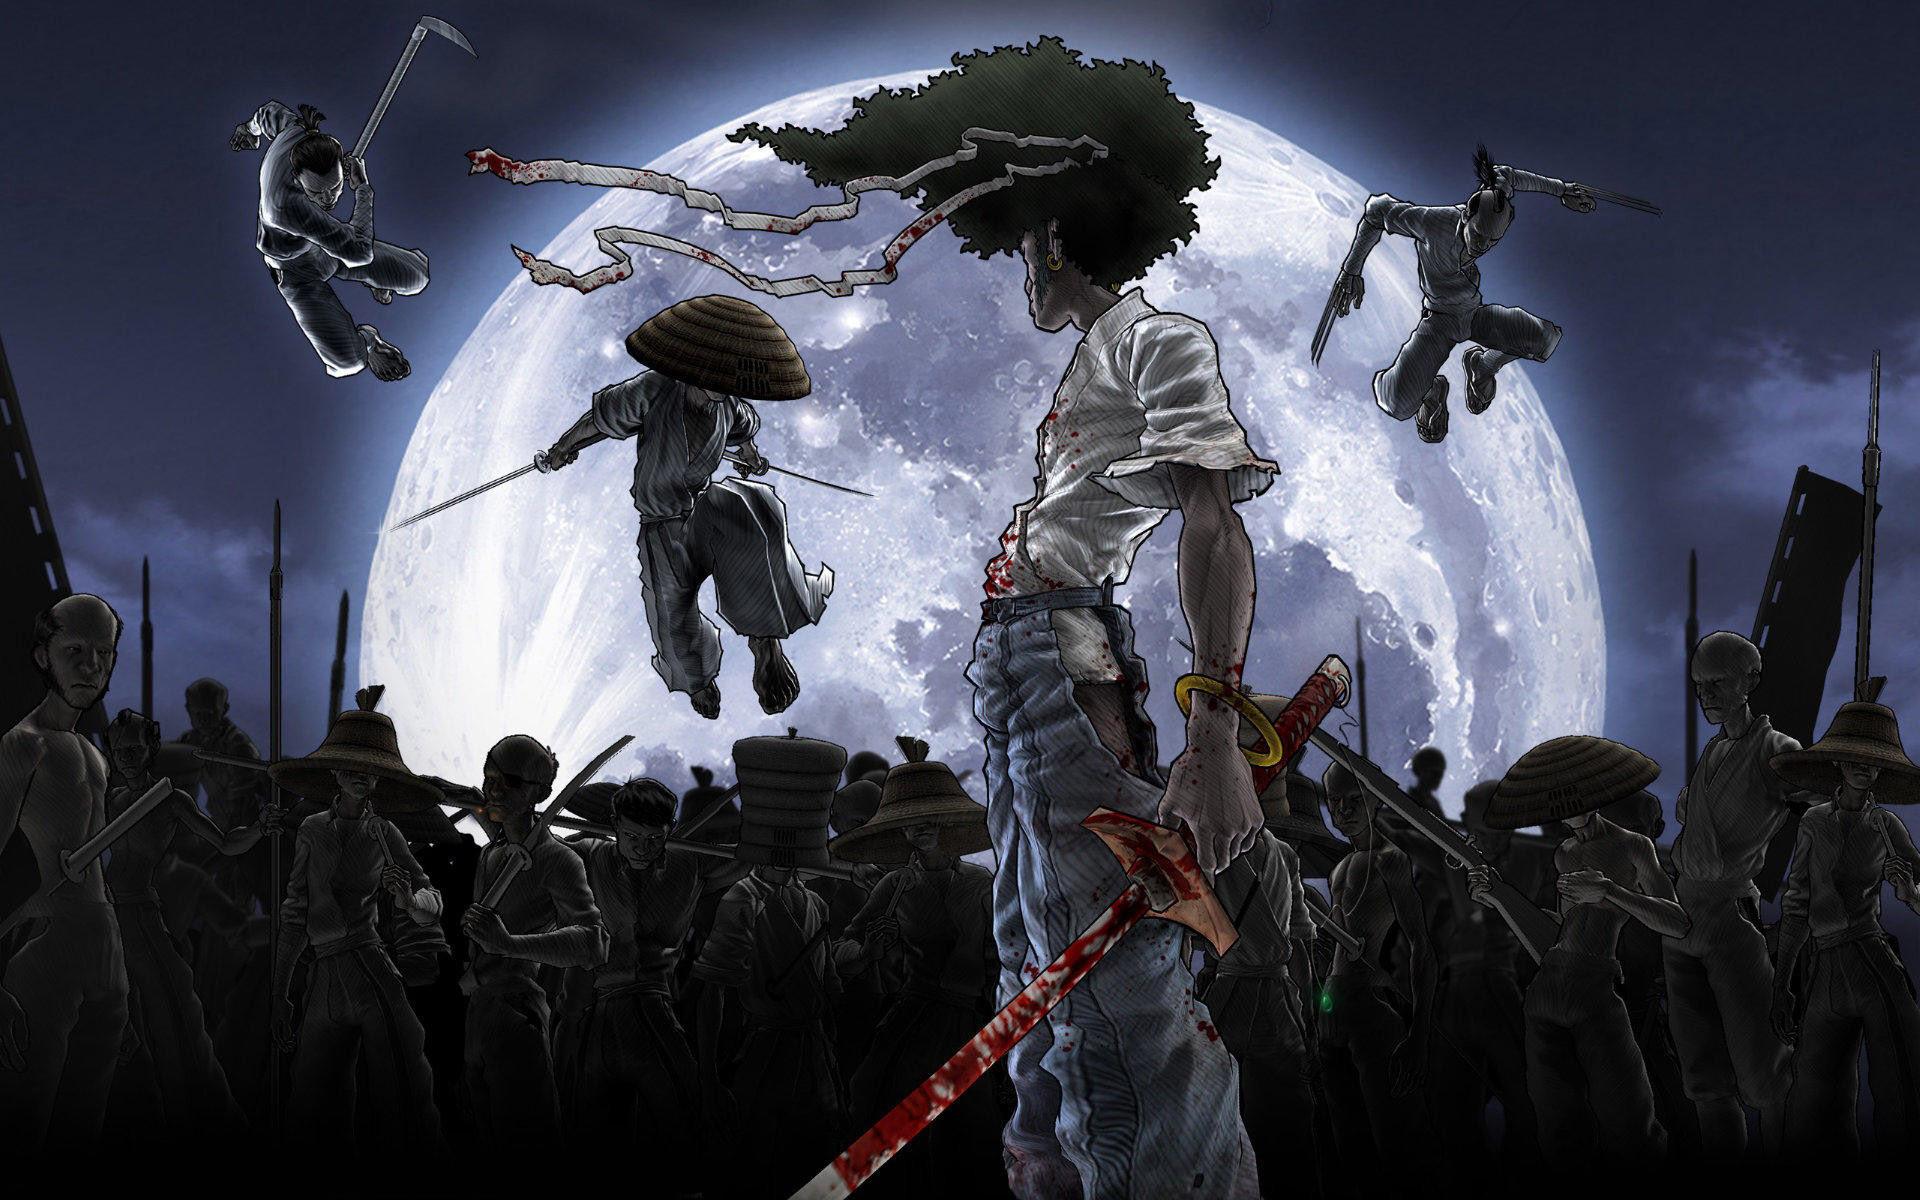 Samurai Sword Wallpaper Afro Samurai Wallpaper Hd